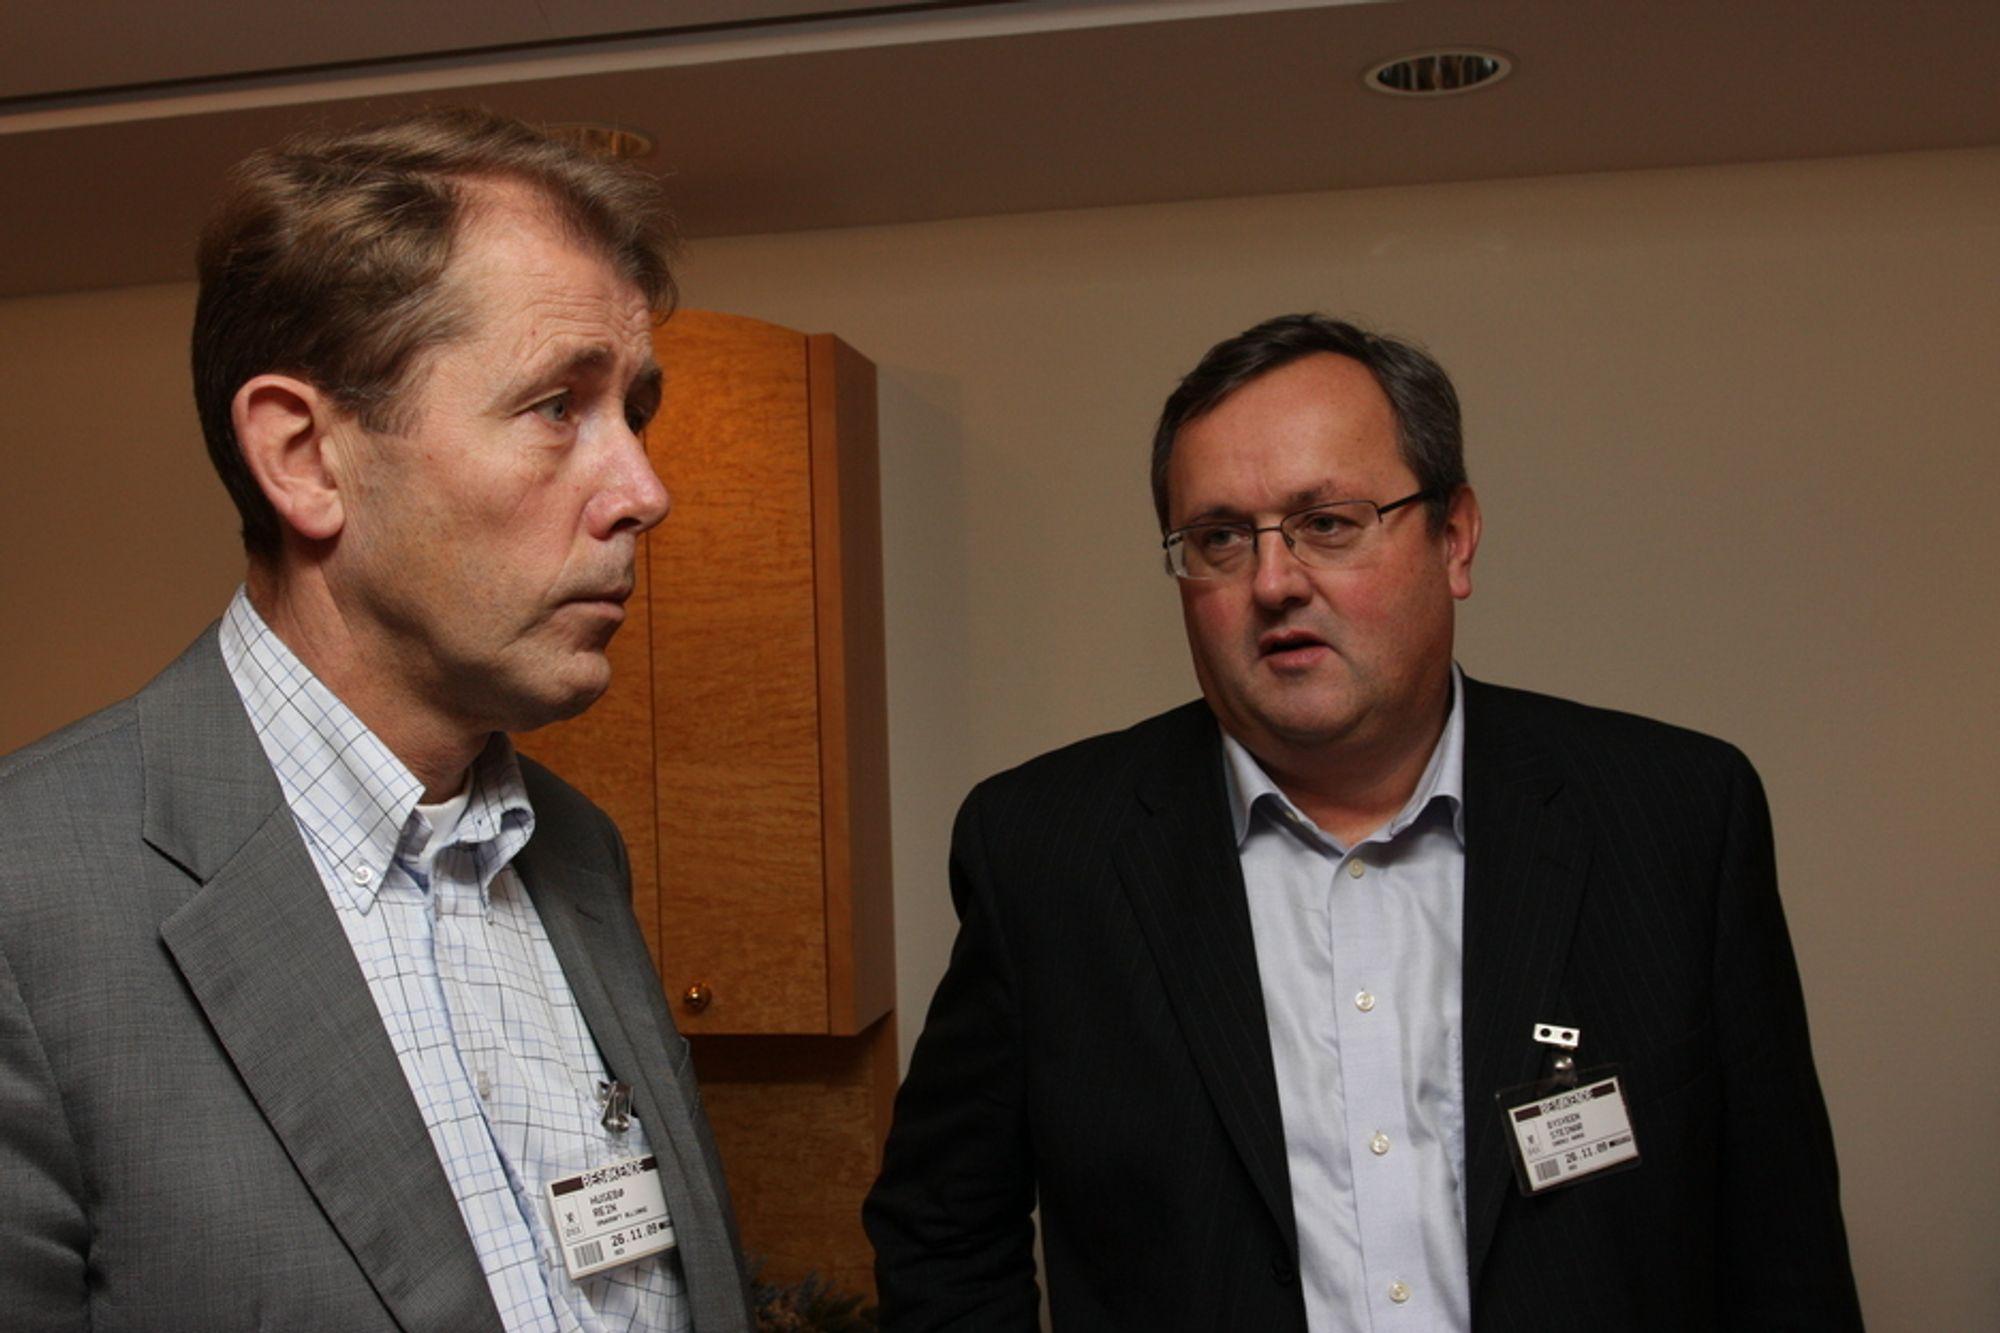 IKKE FORUTSIGBART: - Vi har hatt altfor mye av-og-på-politikk, sier Steinar Bysveen i Energi Norge. Til venstre i bildet Rein Husebø fra selskapet Småkraft AS, et av medlemmene i Småkraftalliansen.